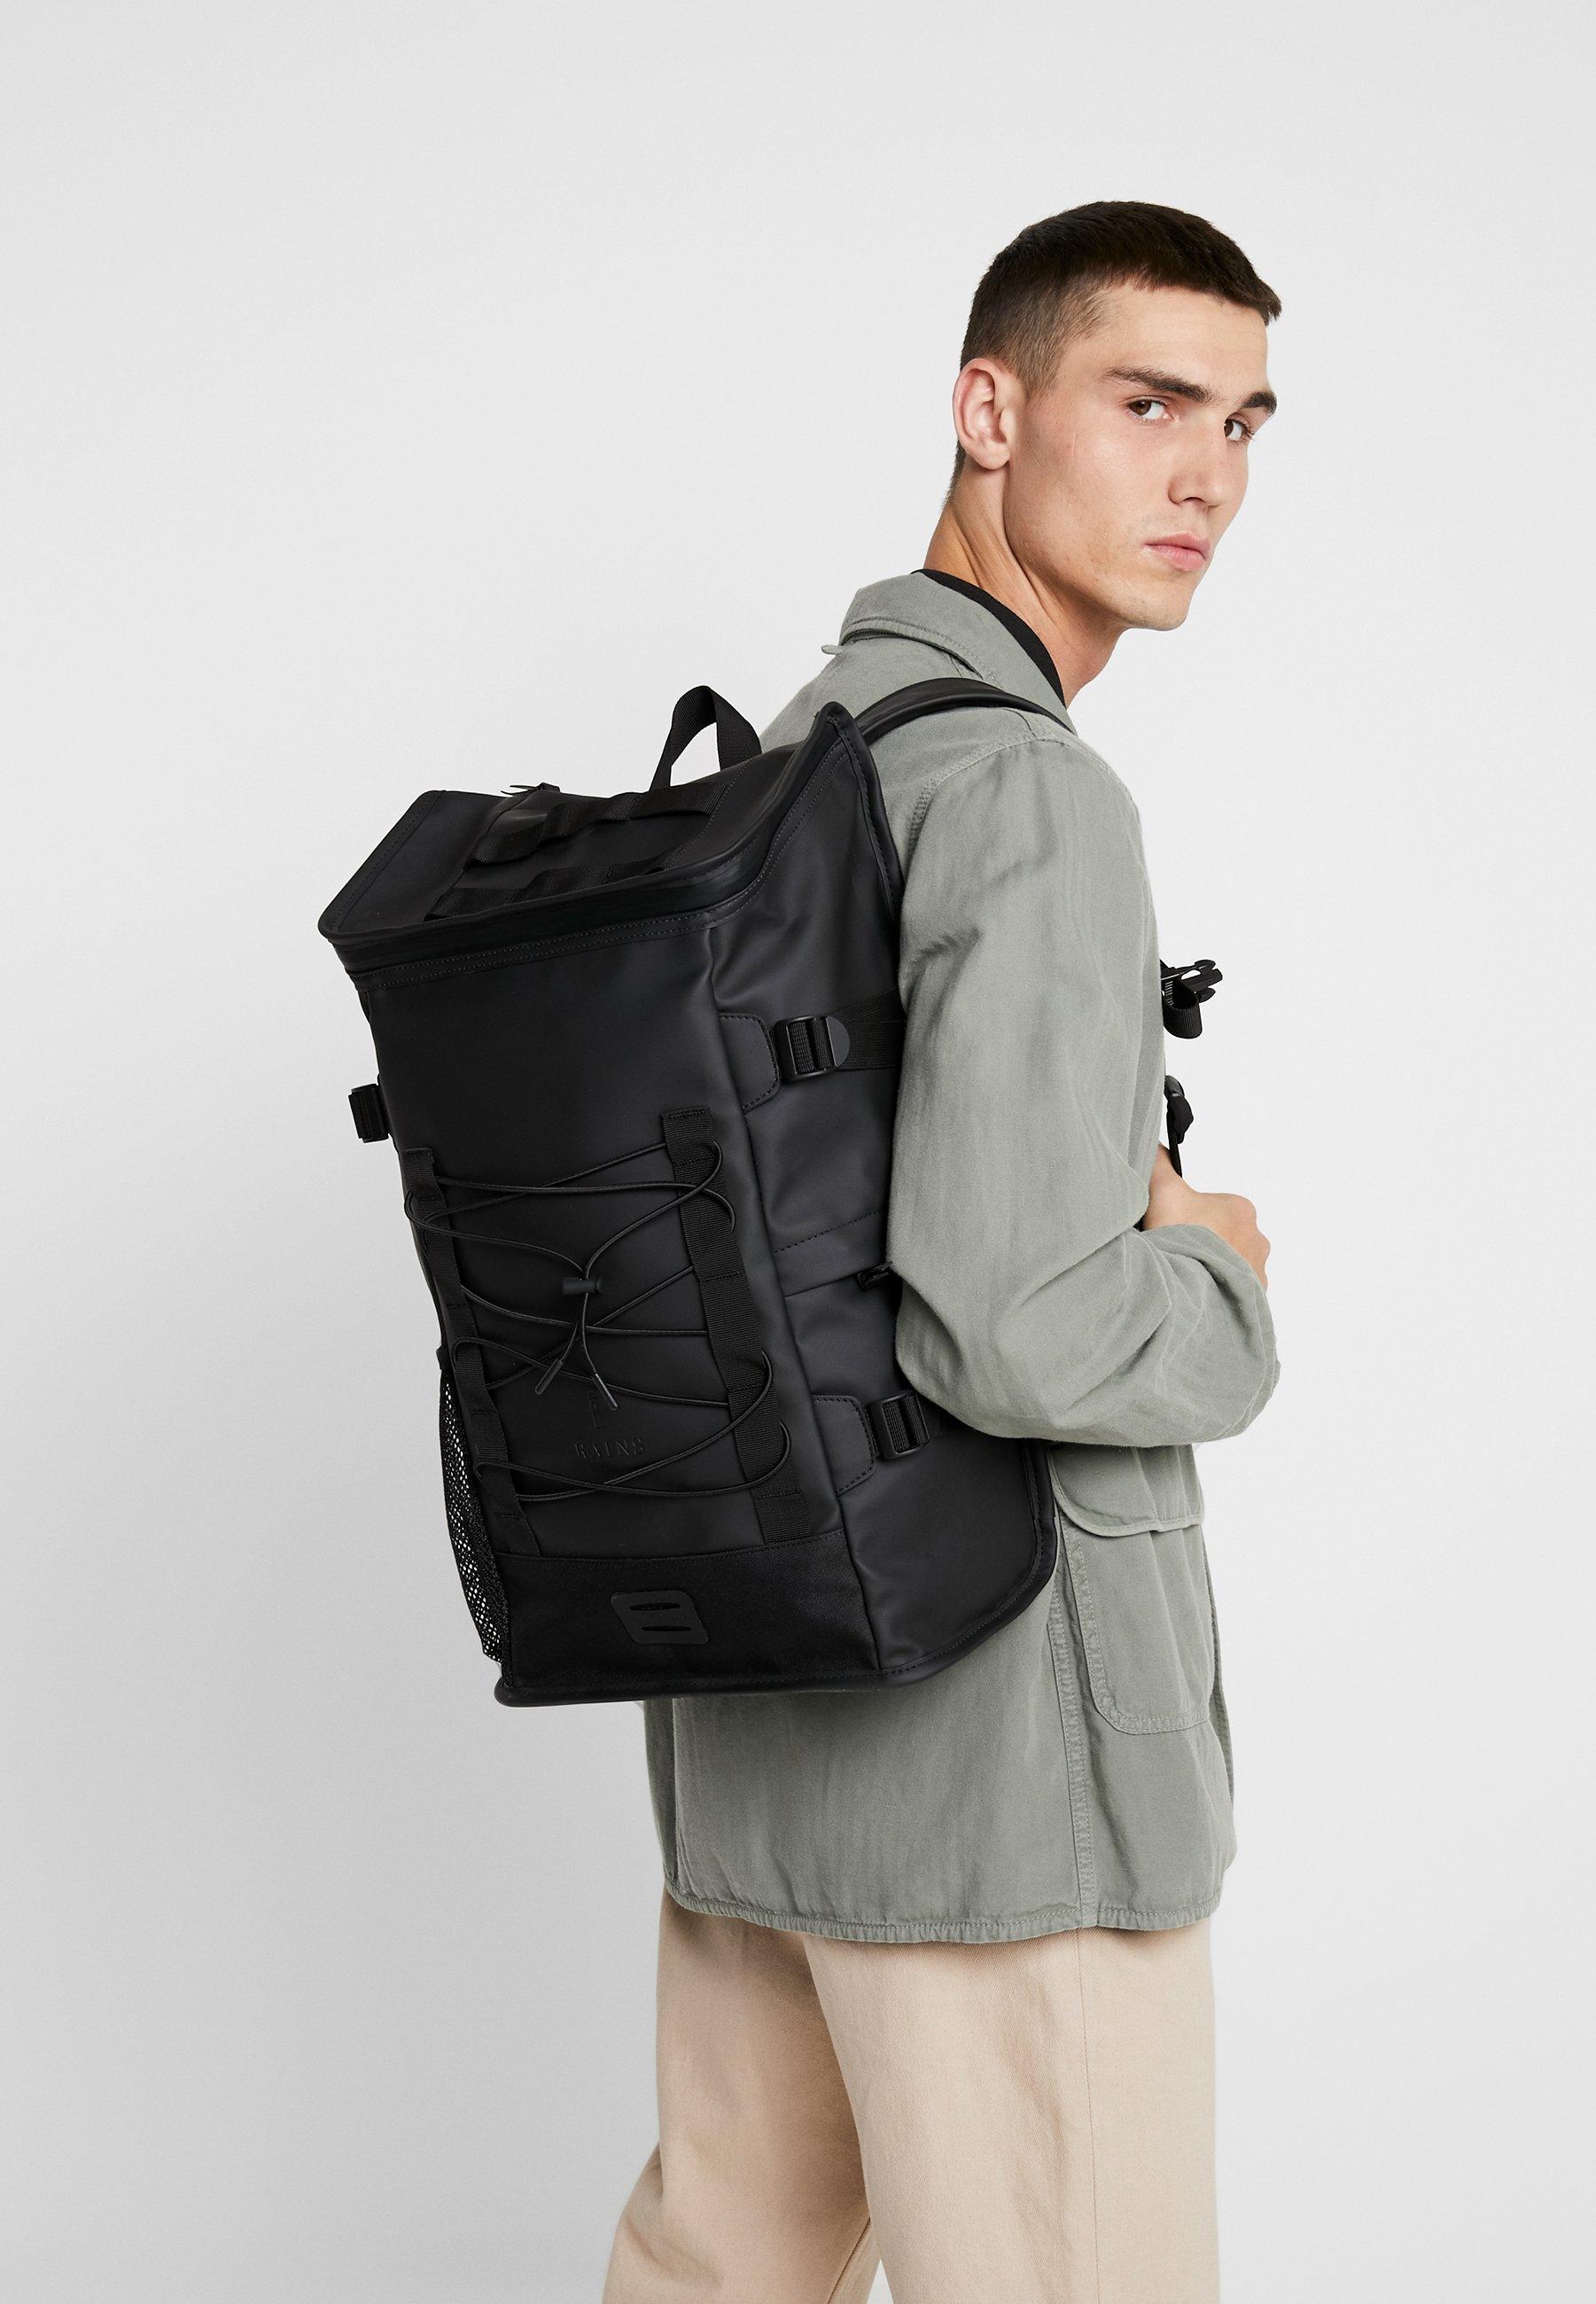 Functional Work Backpacks